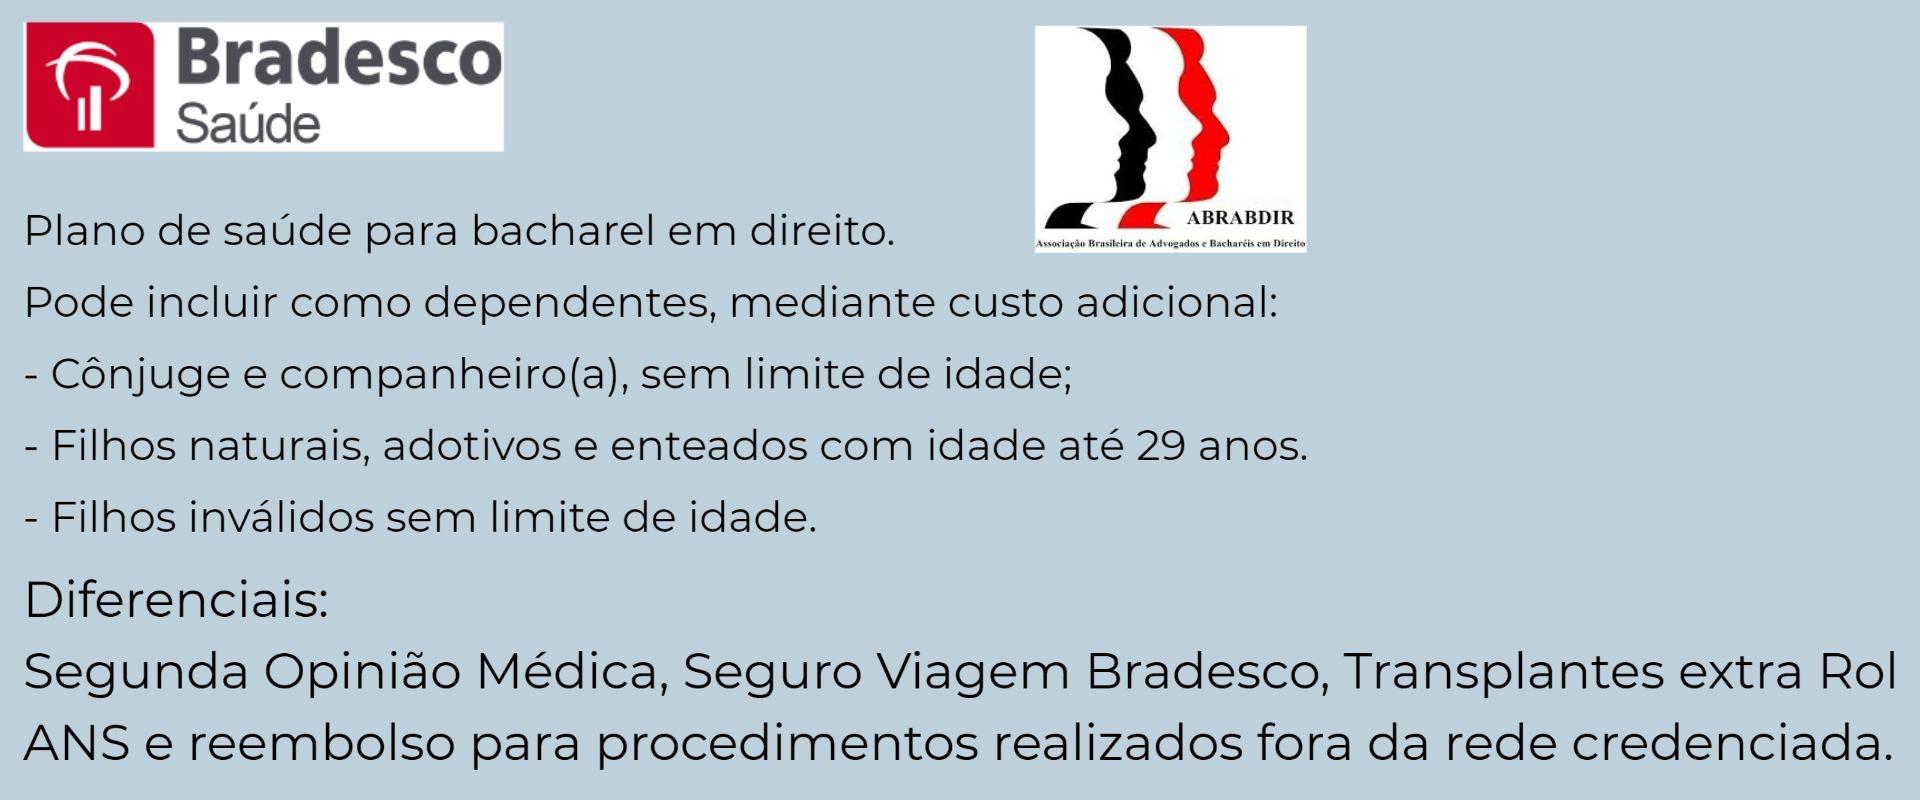 Bradesco Saúde Abrabdir-RJ